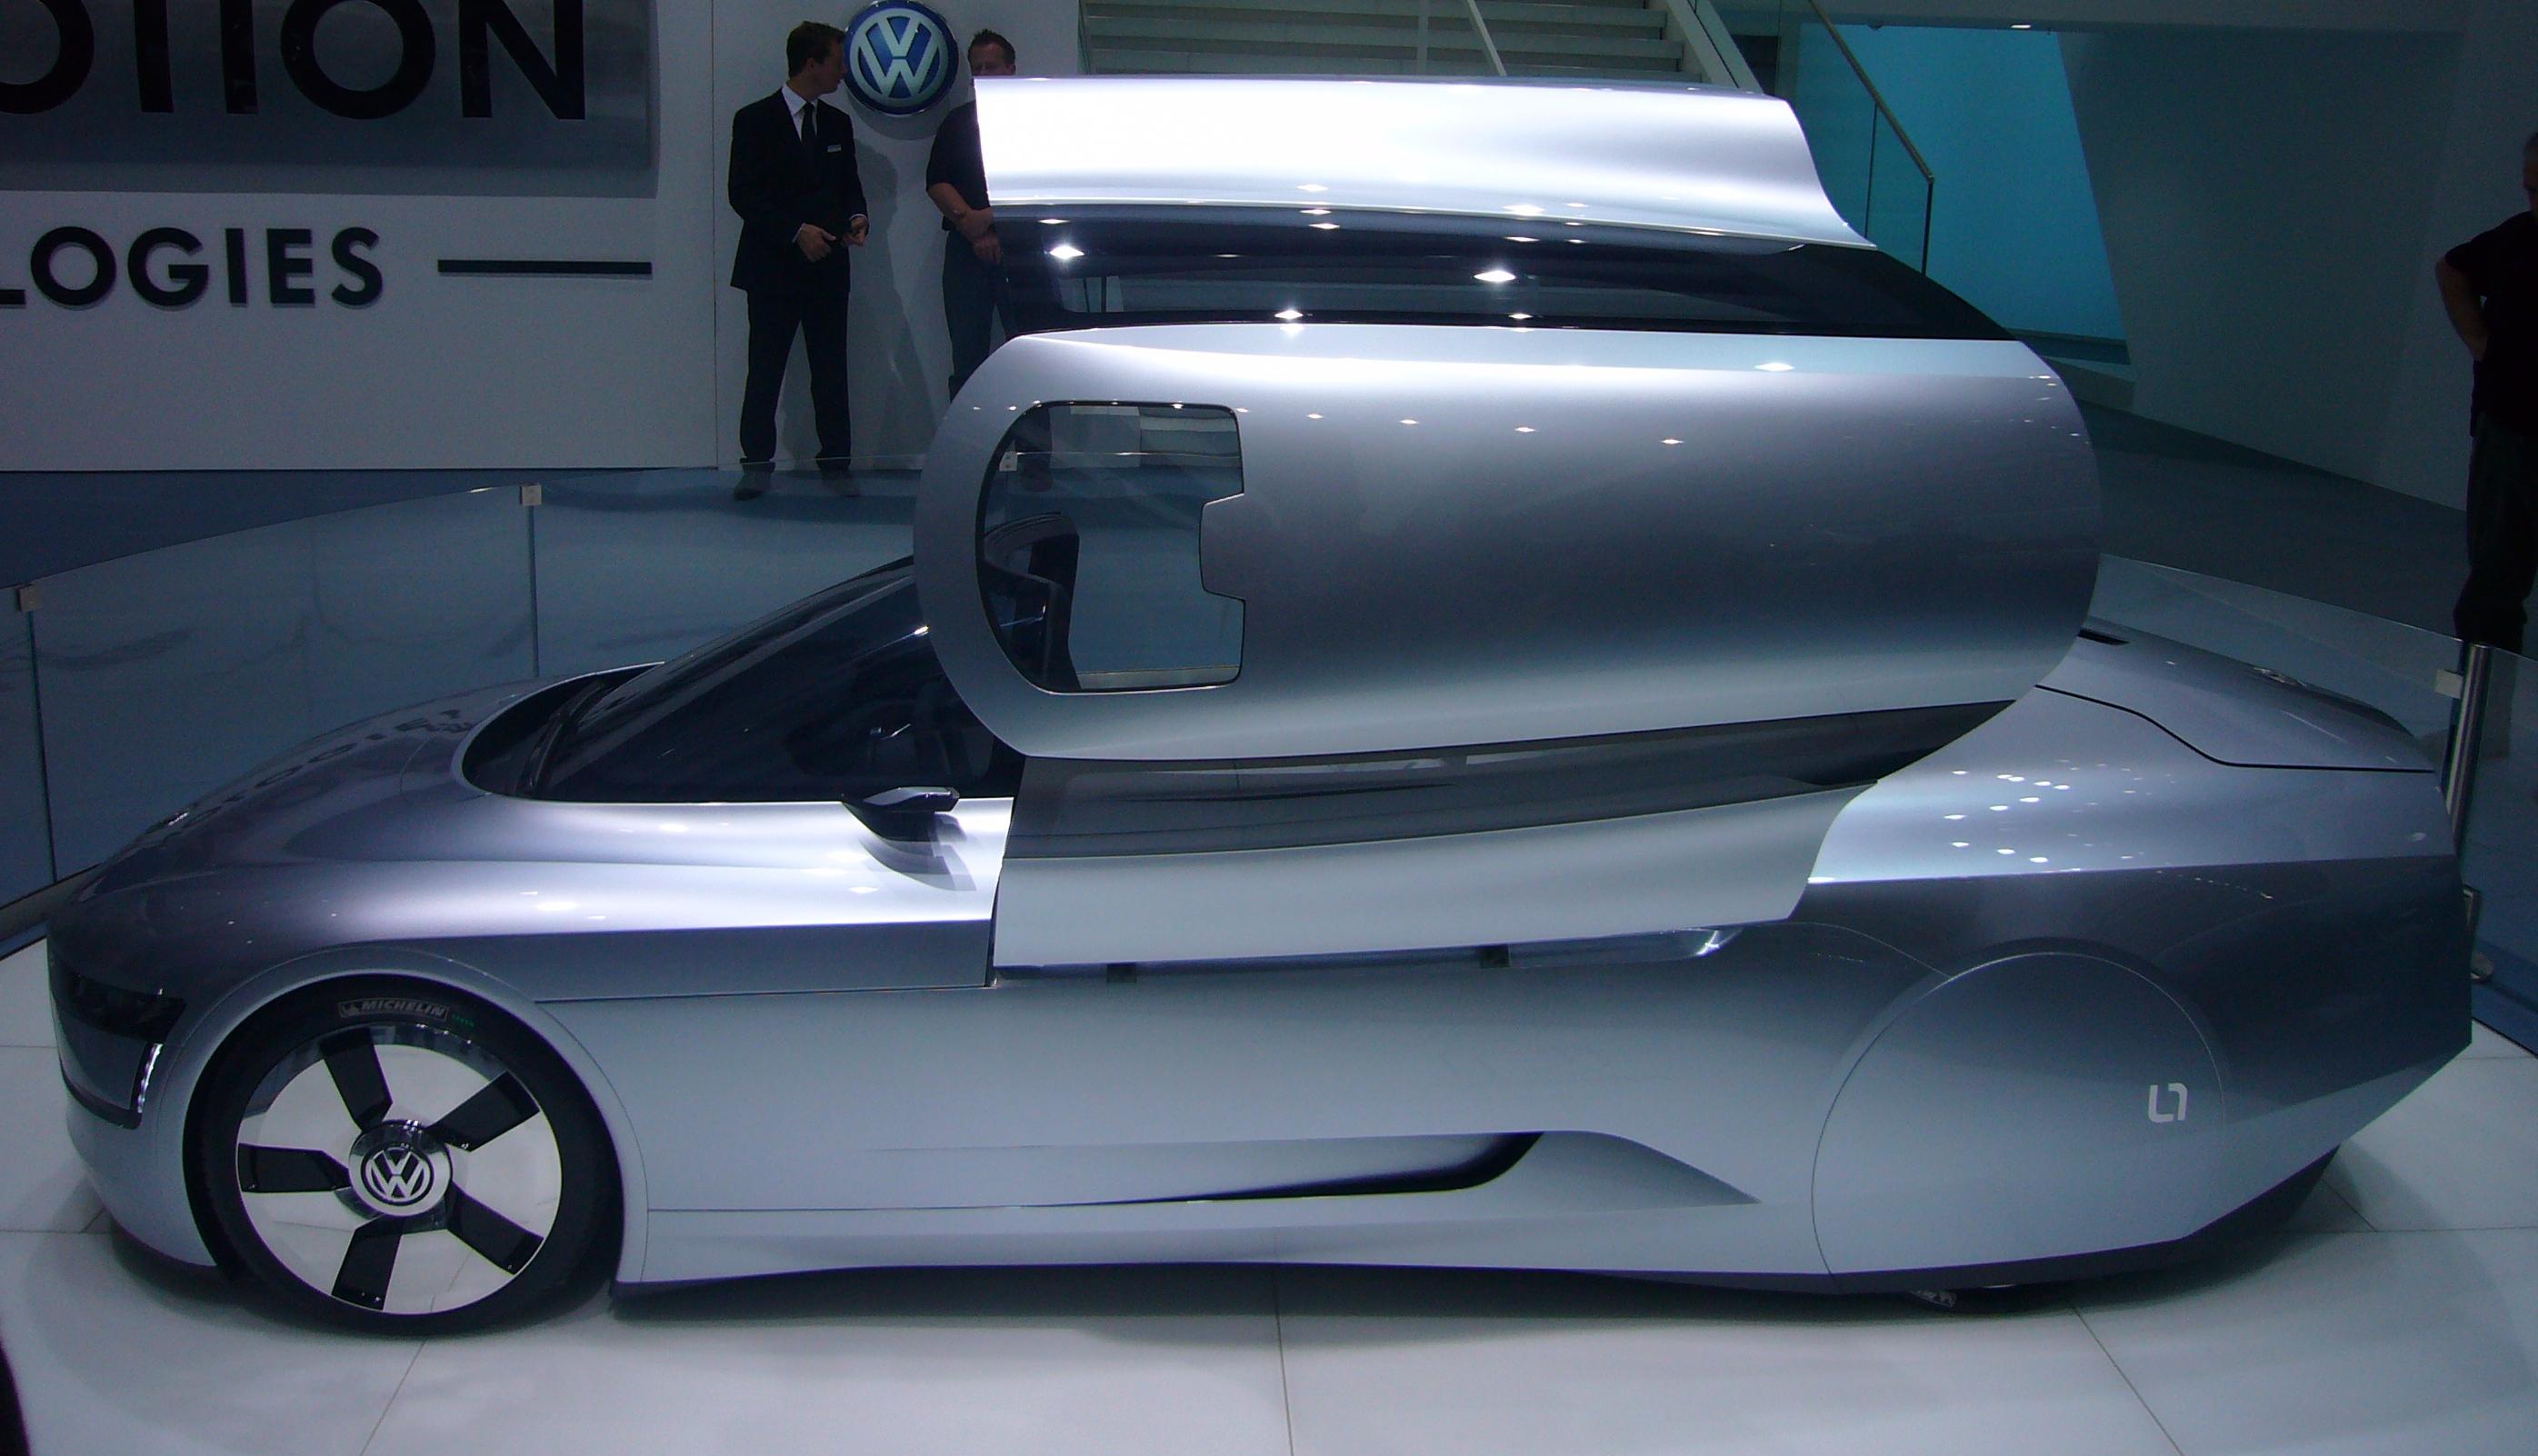 File:Volkswagen L1 (side).jpg - Wikimedia Commons